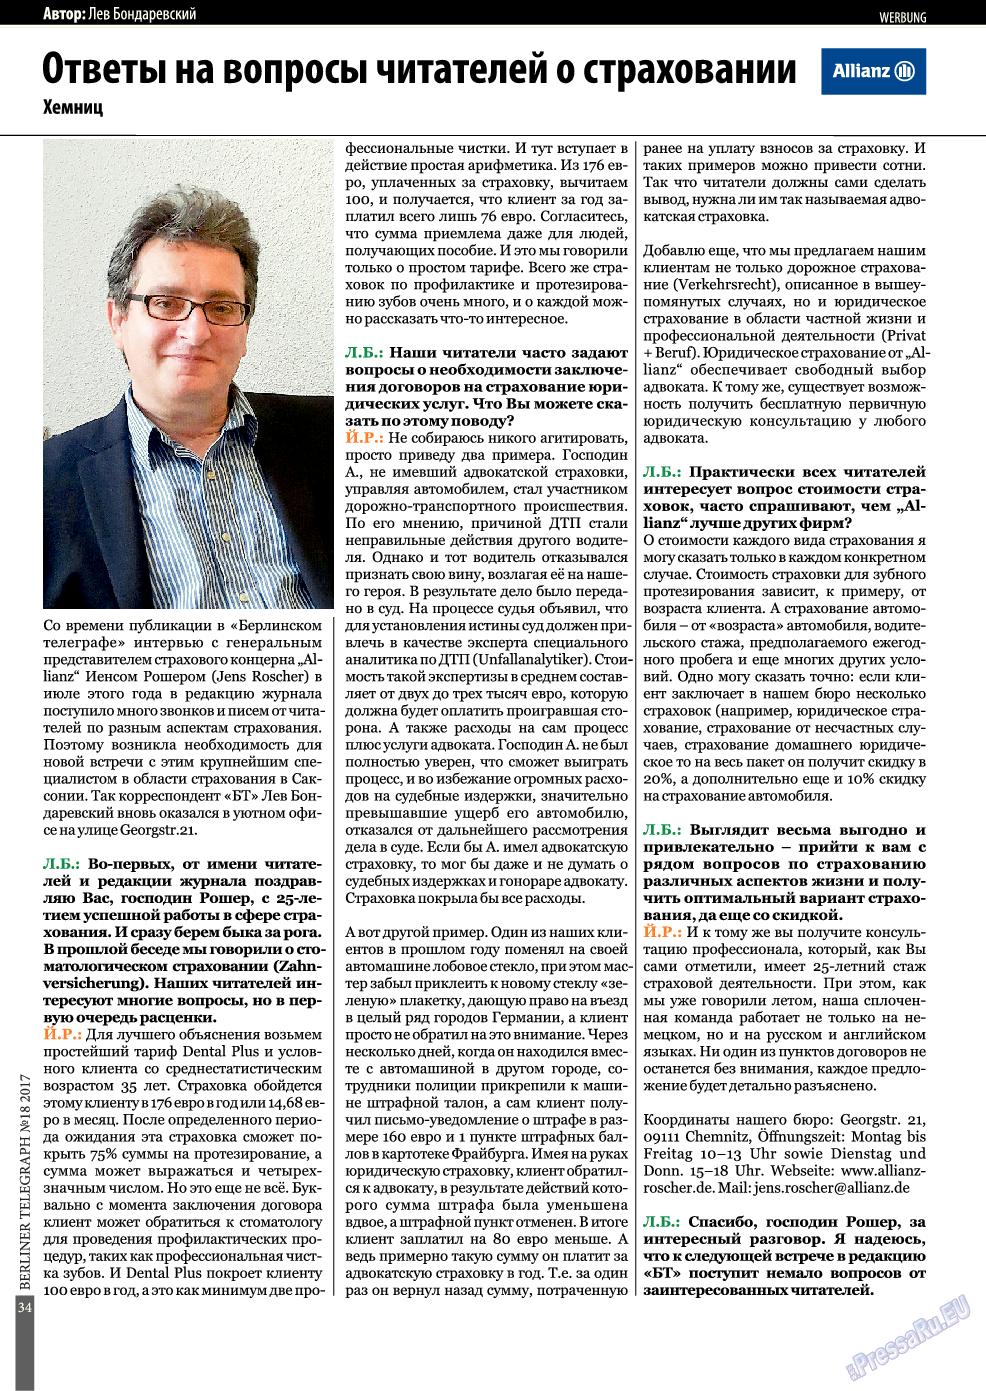 Берлинский телеграф (журнал). 2017 год, номер 18, стр. 34